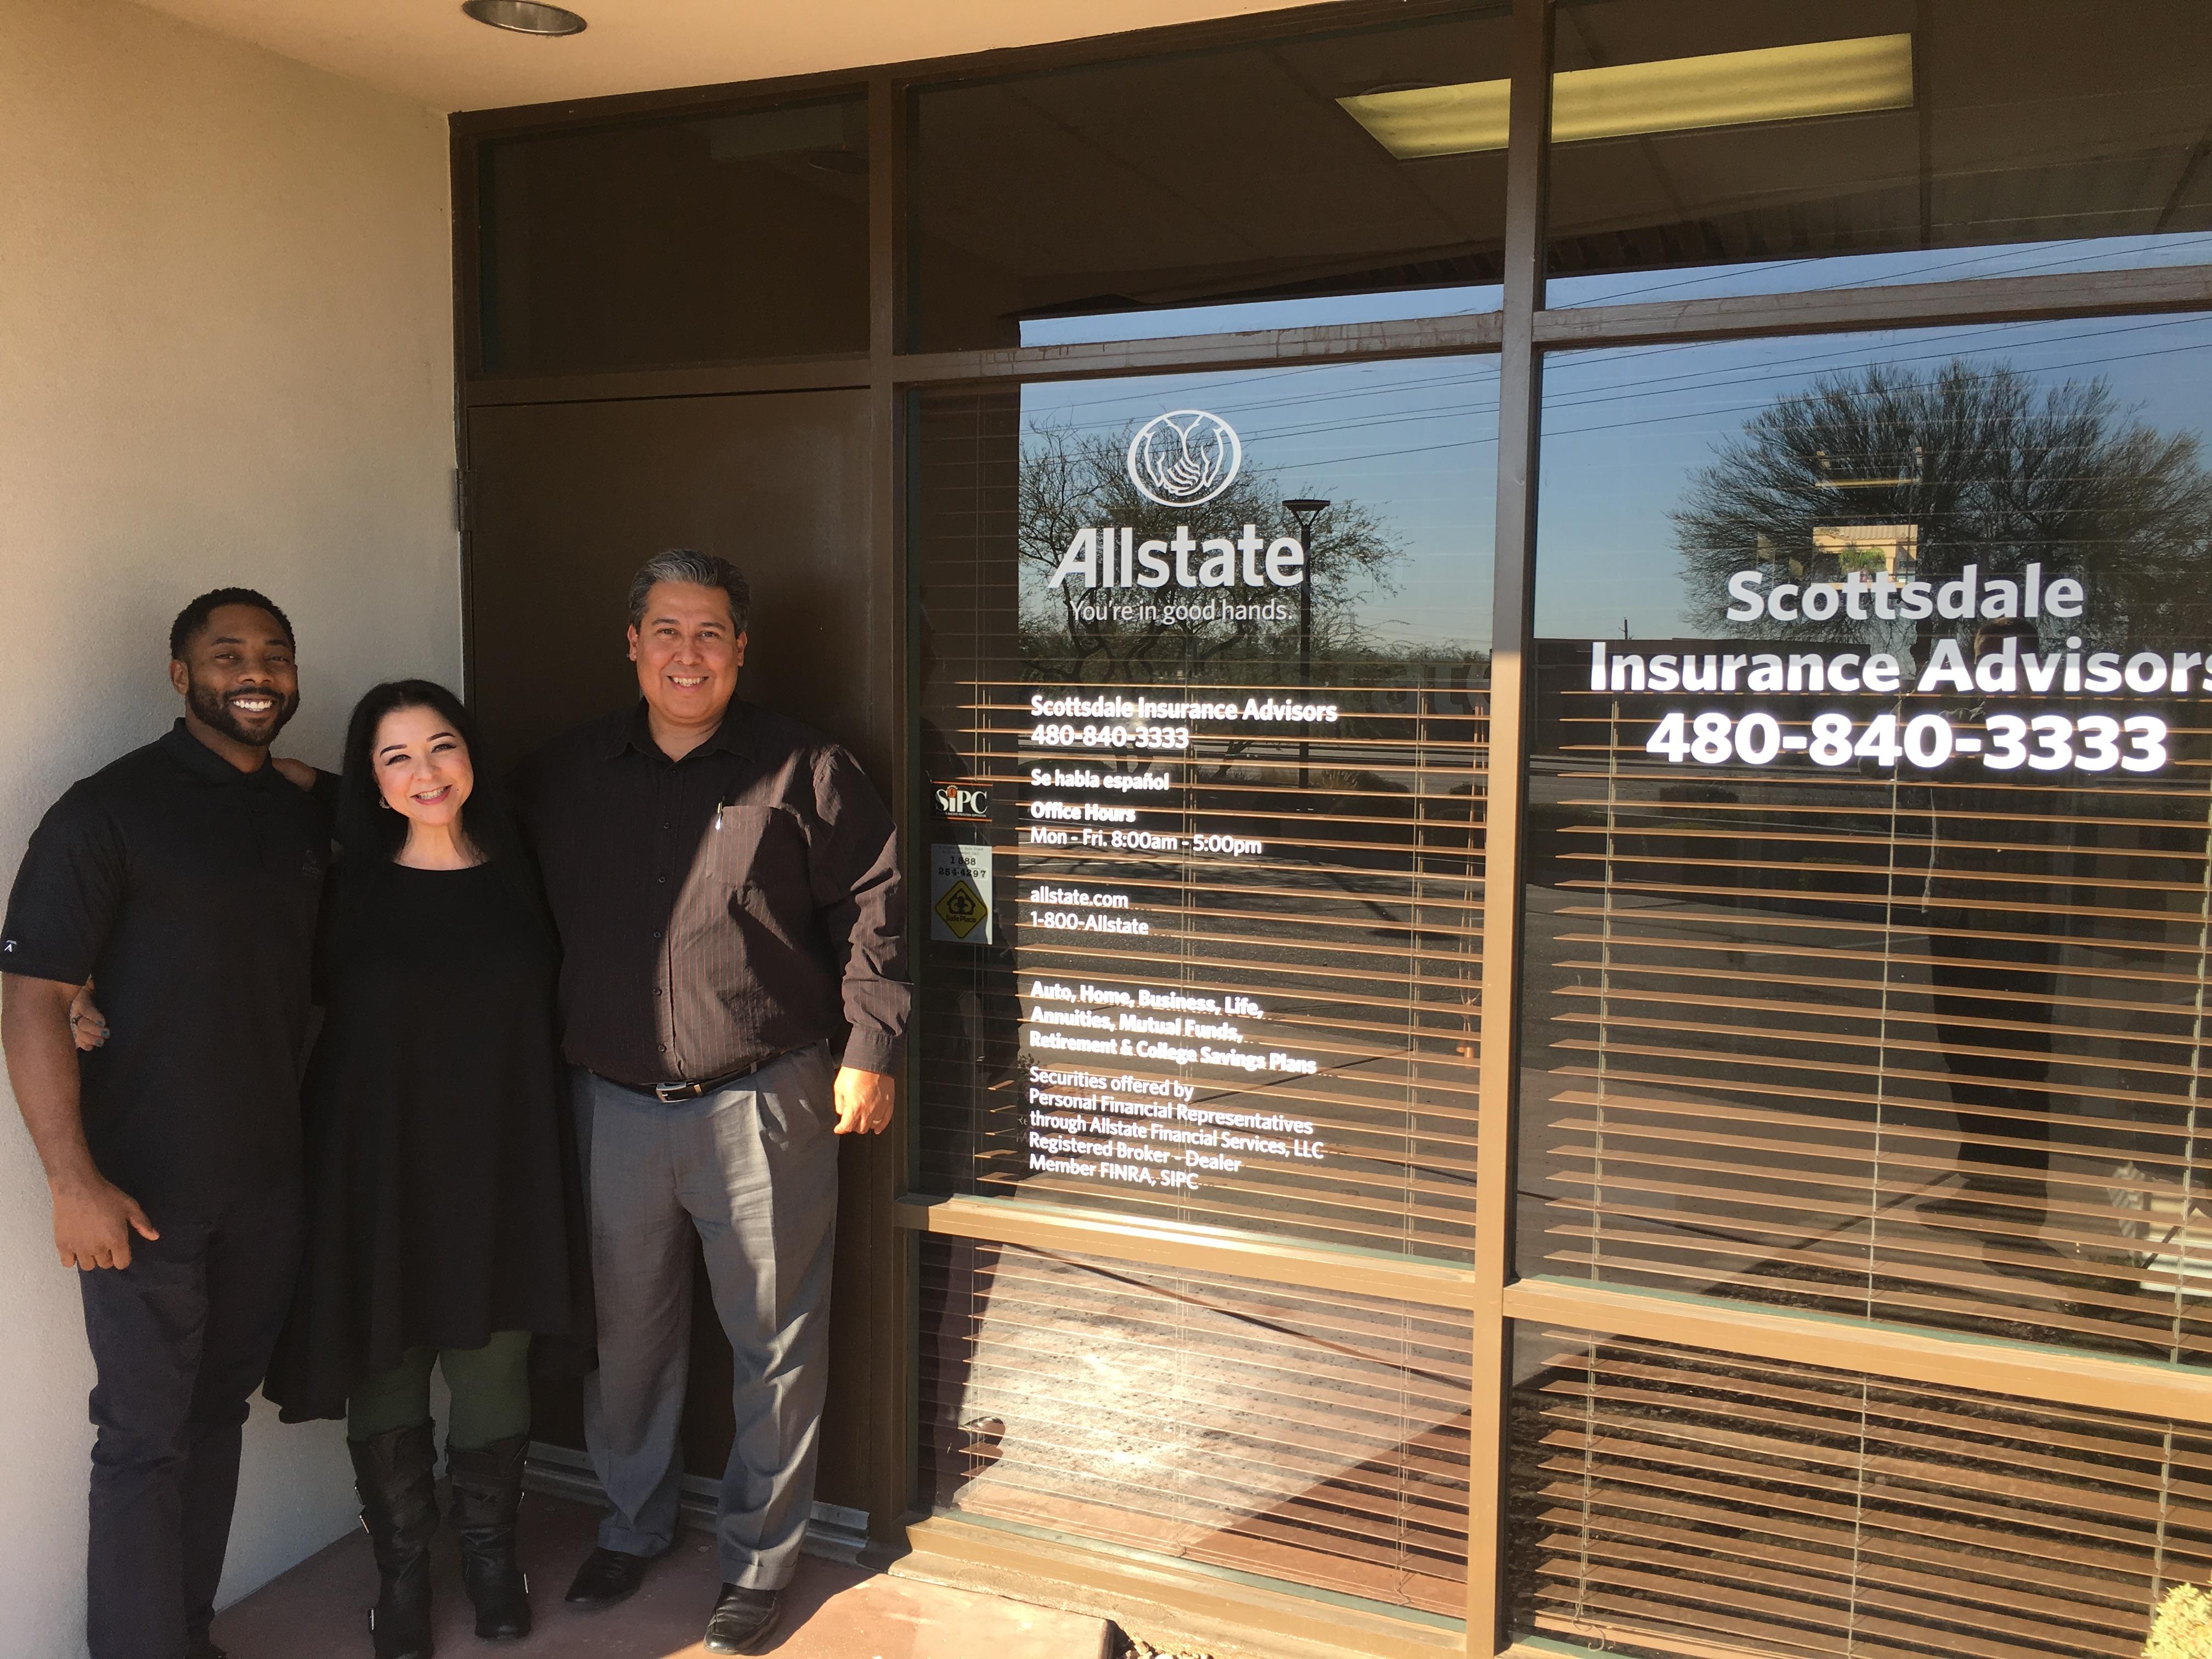 Robert Alvarez: Allstate Insurance image 2